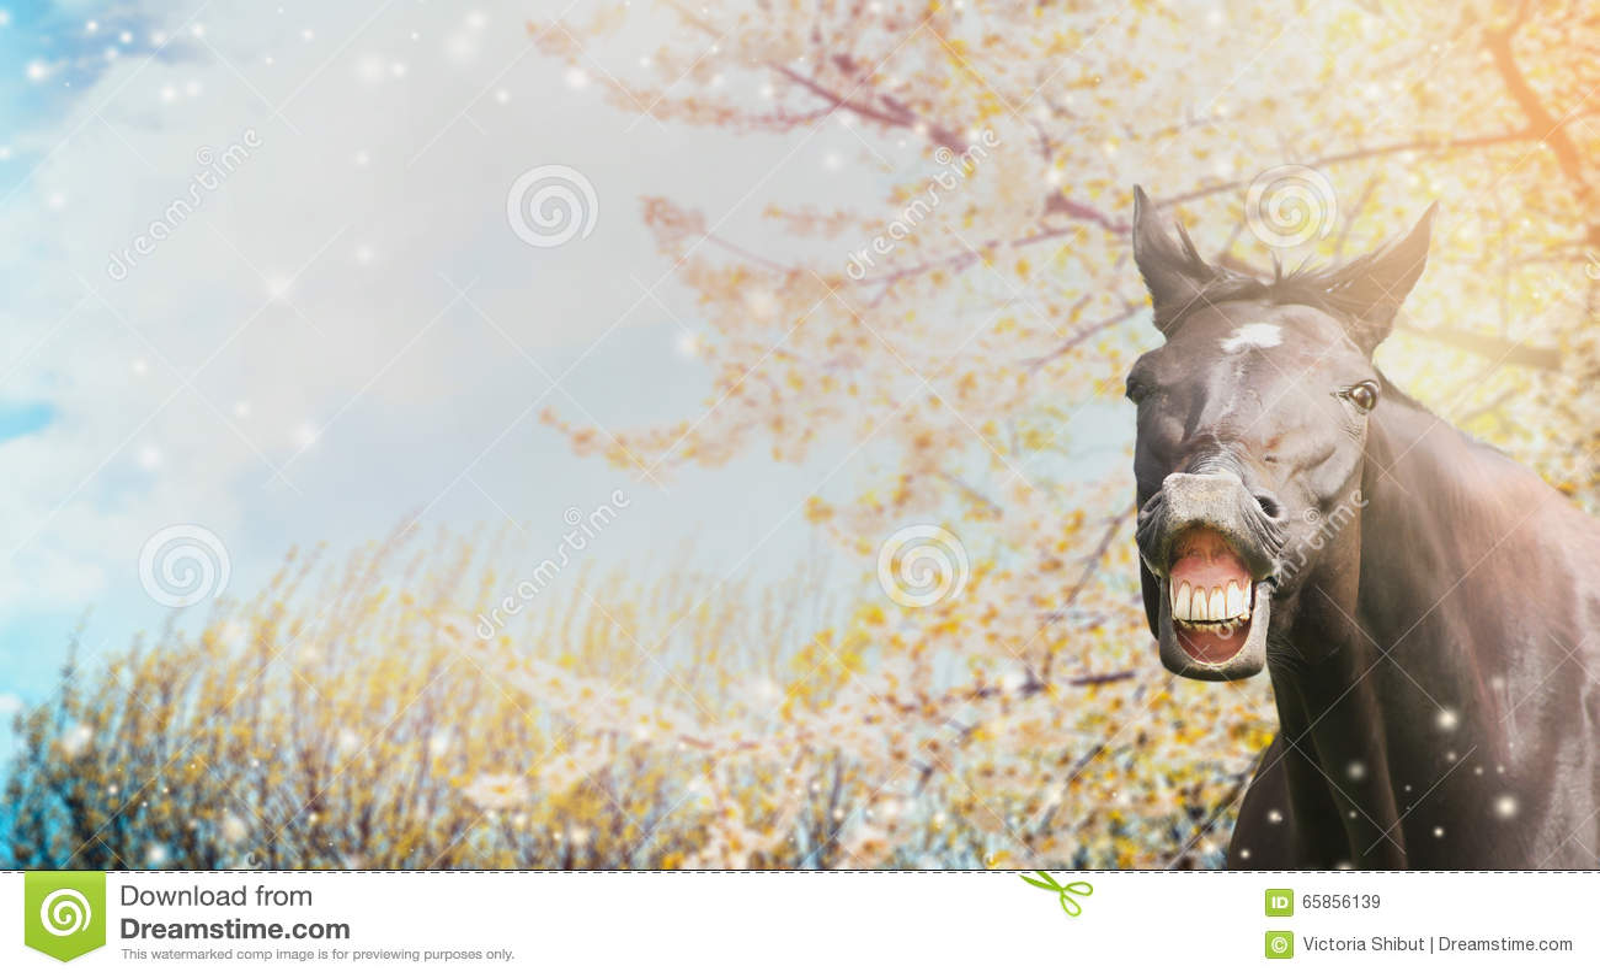 Retrato de um cavalo com um sorriso no fundo da natureza da flor da mola